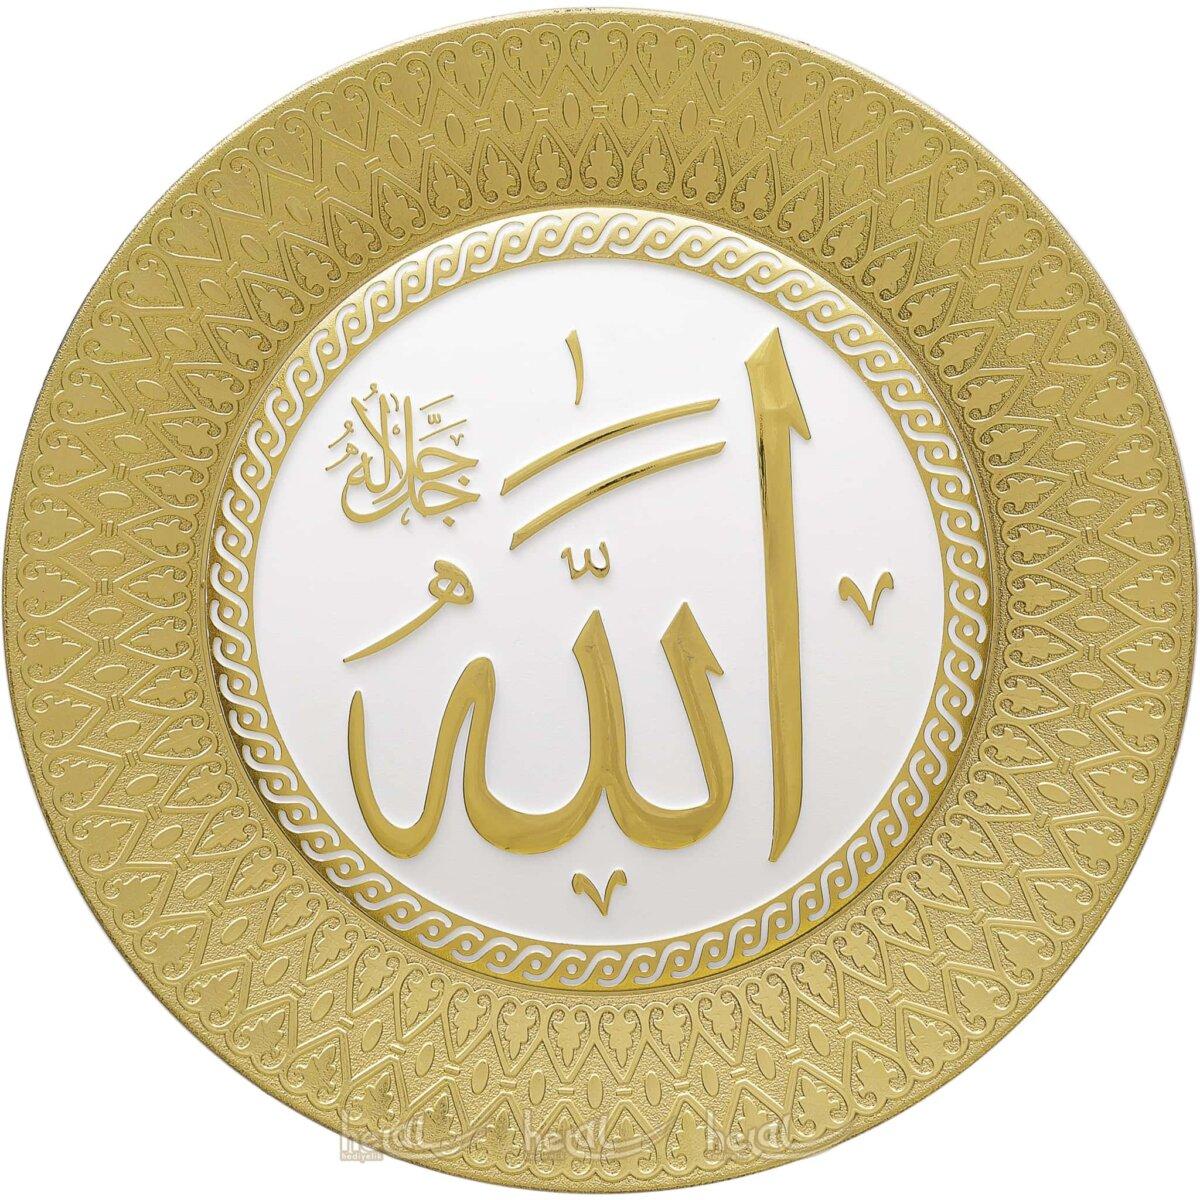 24cm İsmi Celil Allah cc. Lafzı Tabak Masa Üstü ve Duvar Süsü Ayetli Ürünler